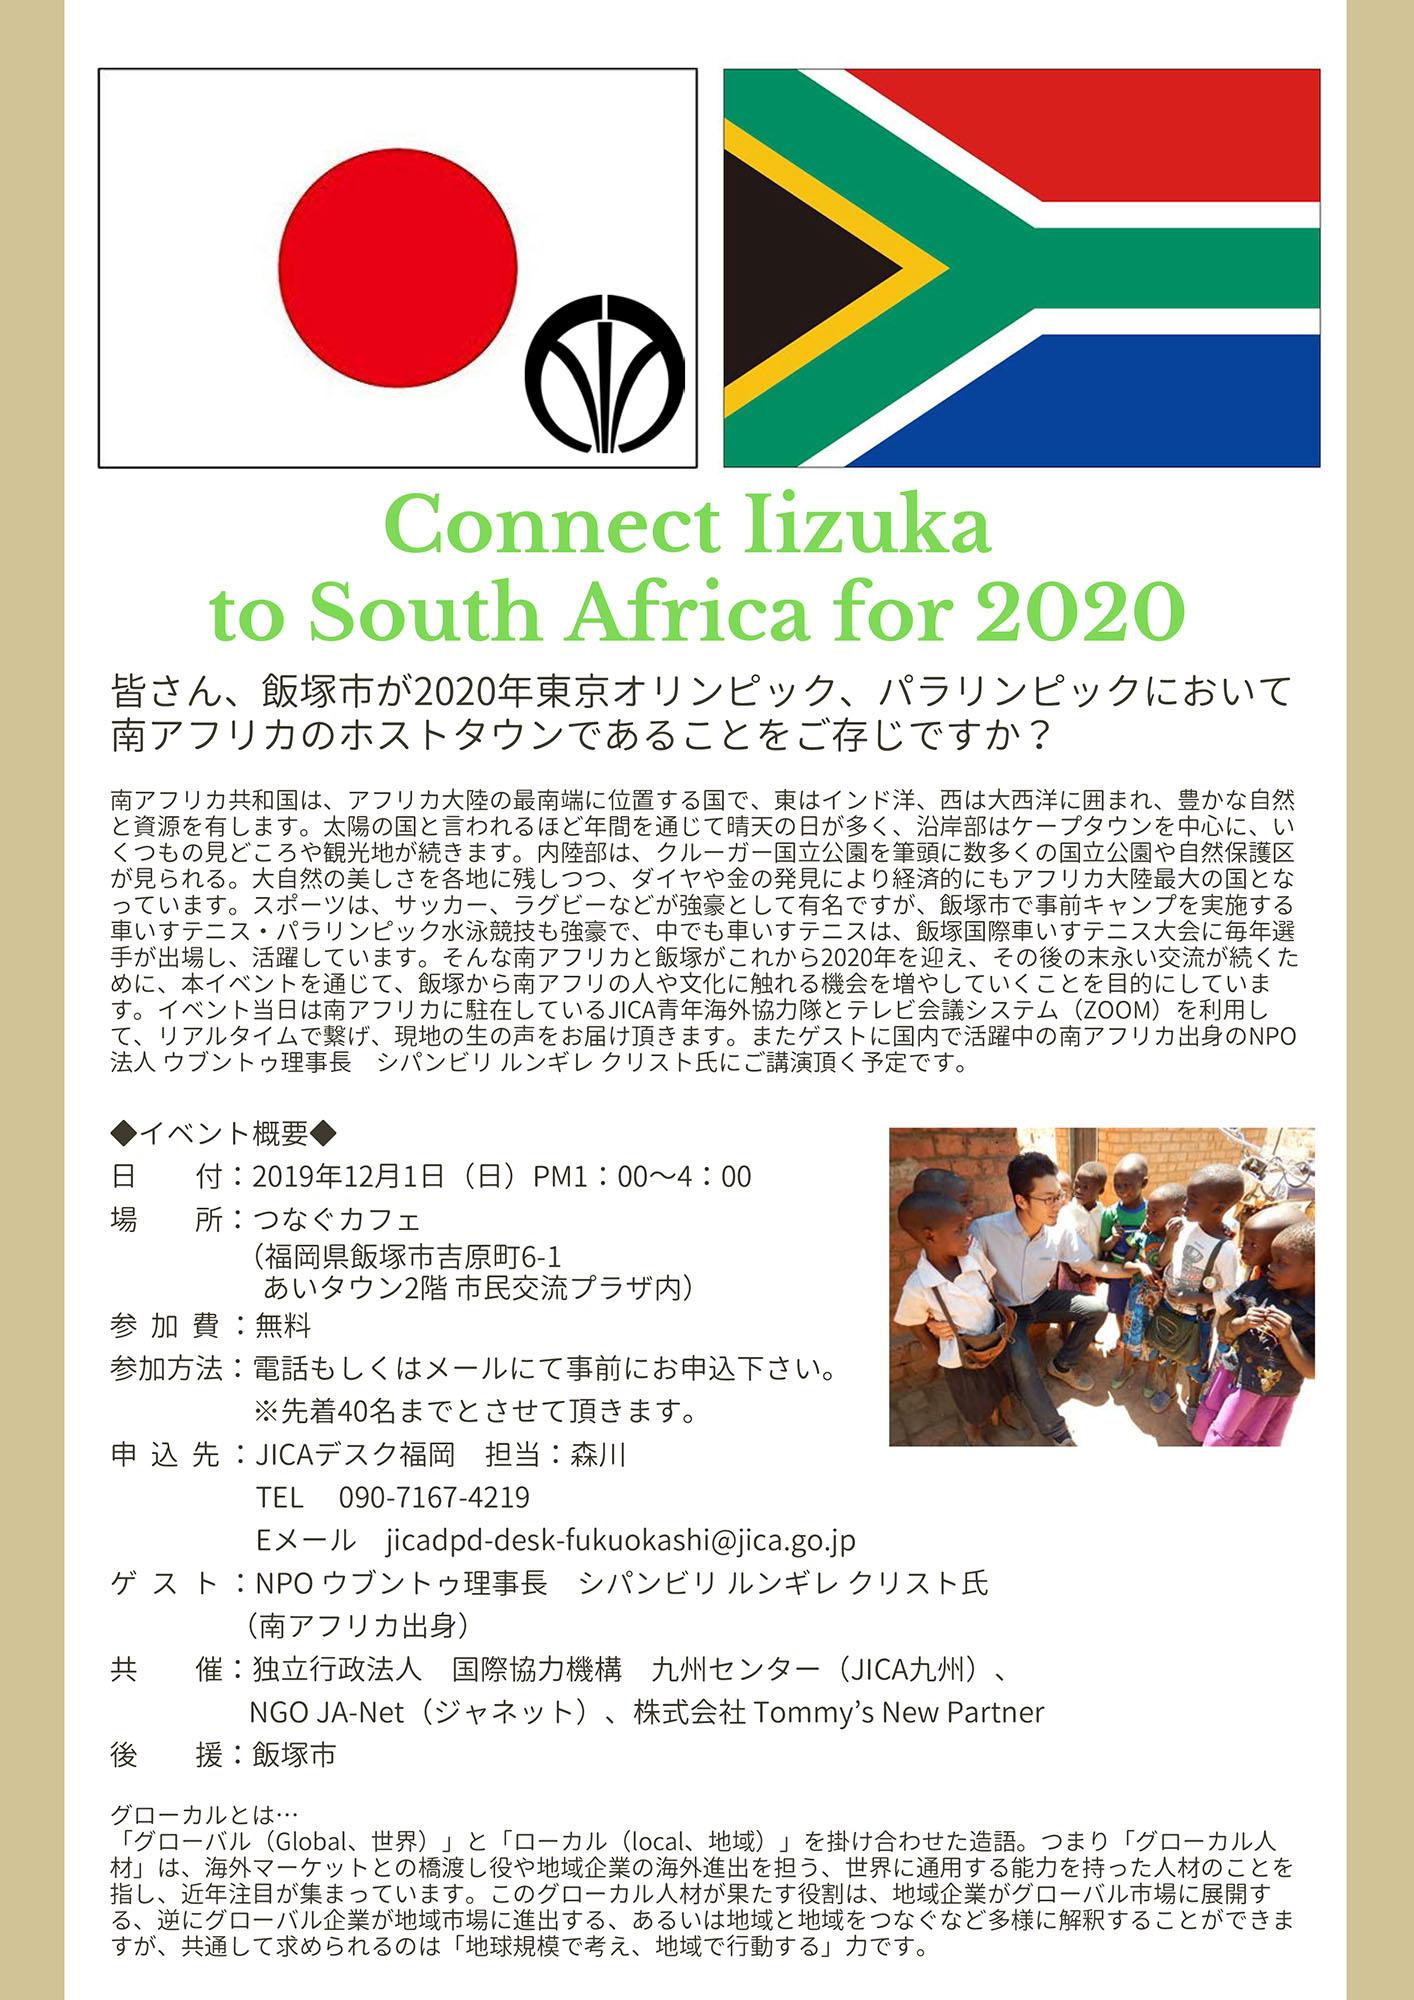 グローカルイベント in 飯塚 飯塚から南アフリカへ